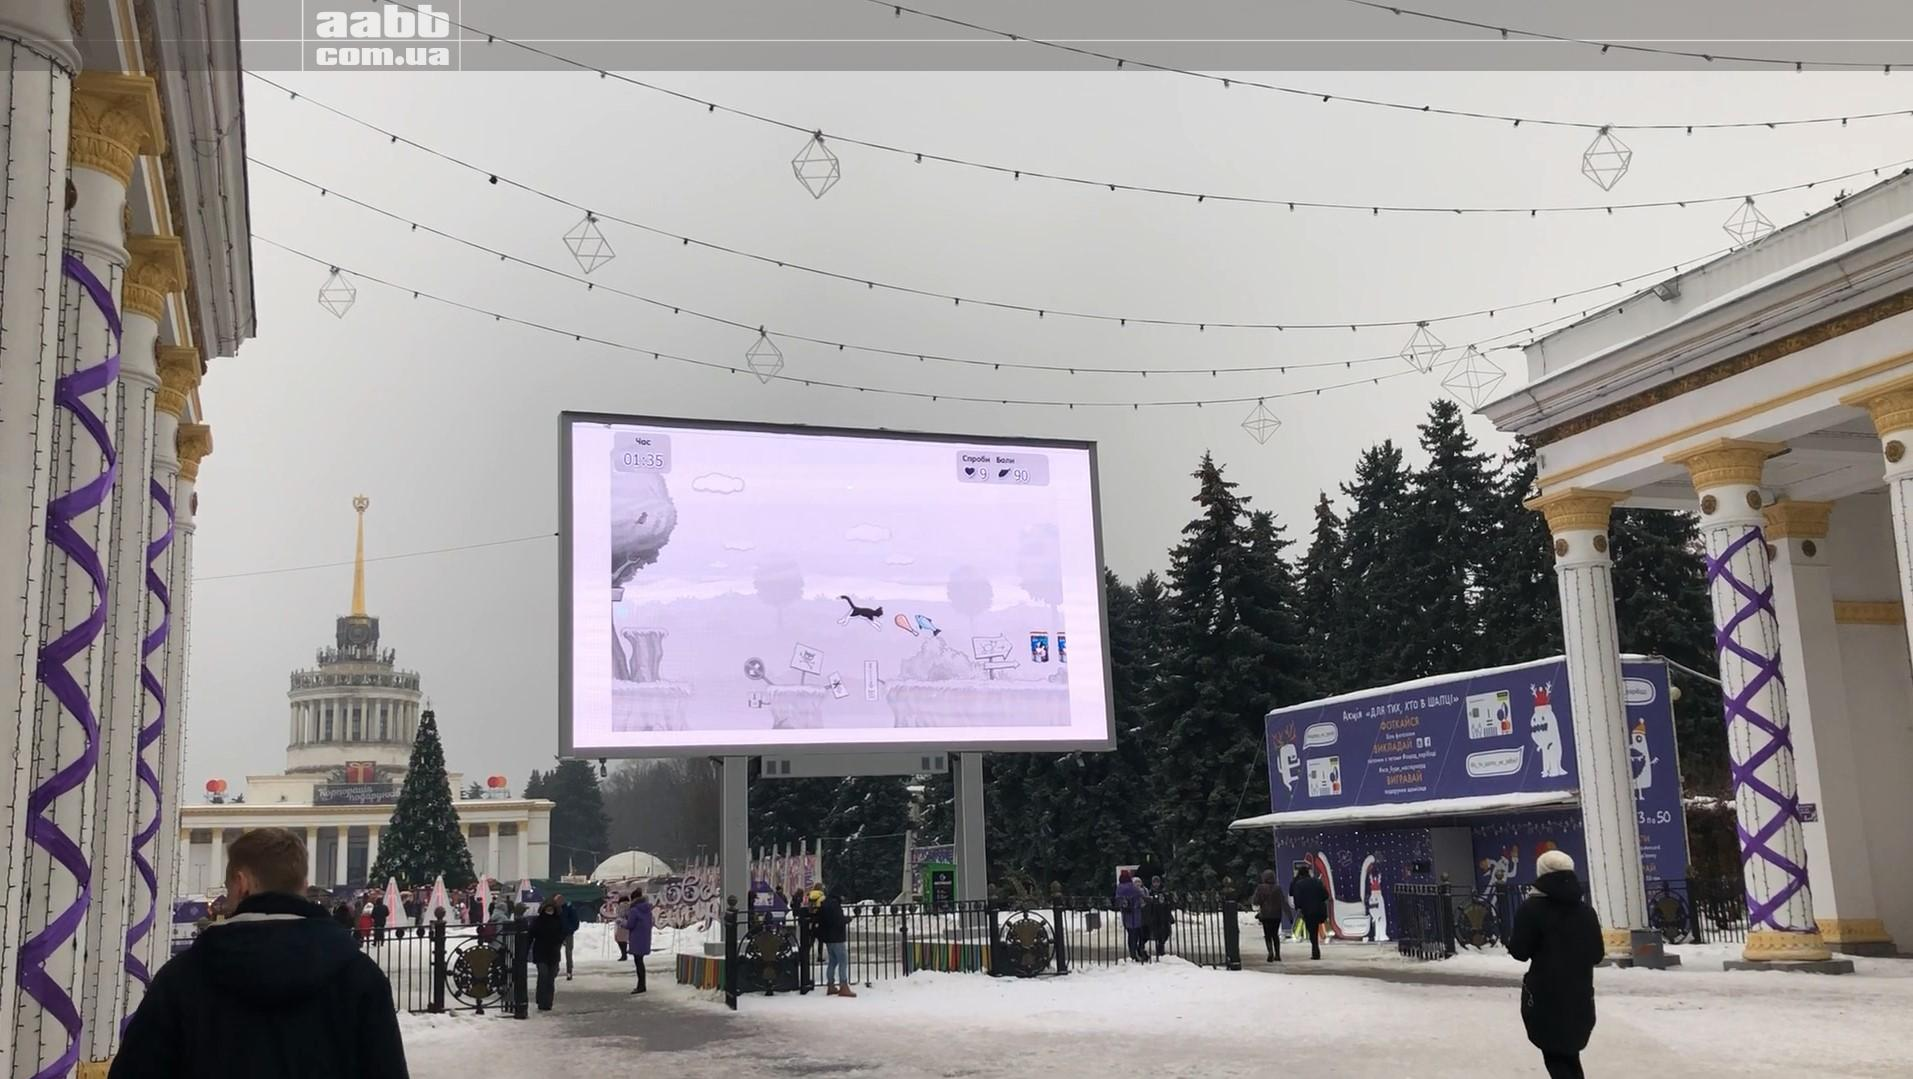 Реклама на відеоекрані ВДНГ (січень 2019)